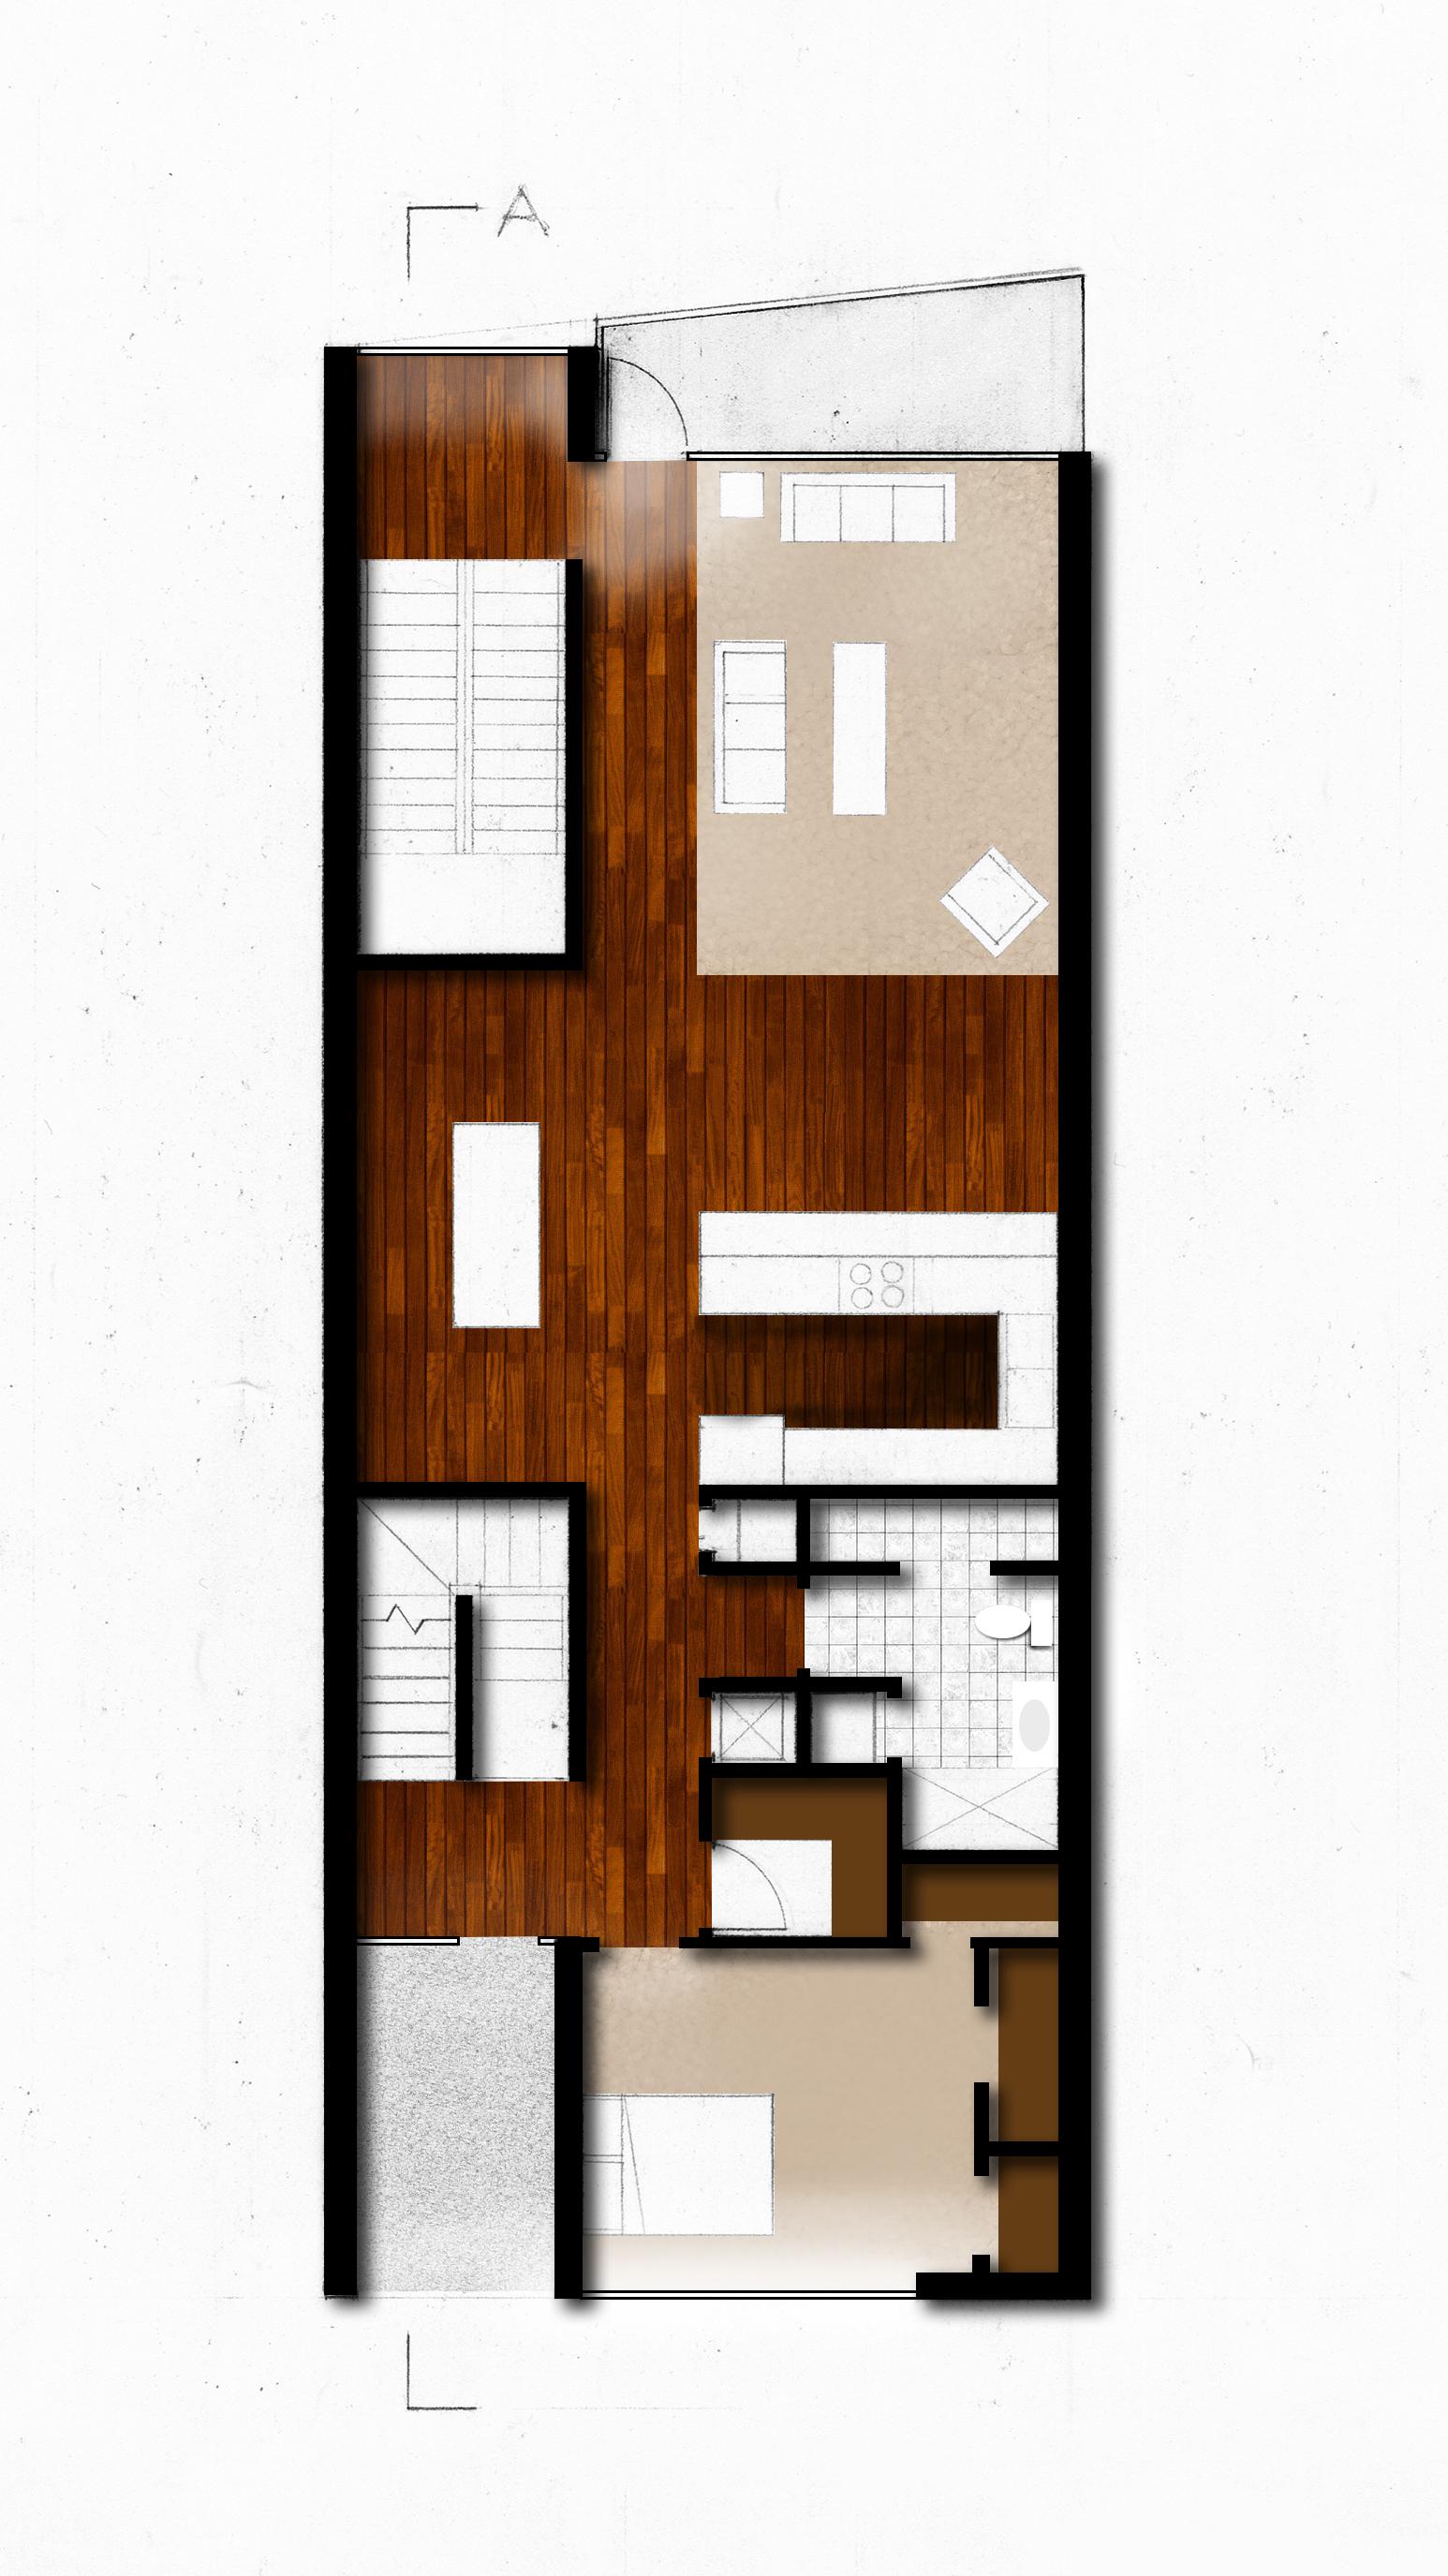 Main Floor Plan with Floor Patterns